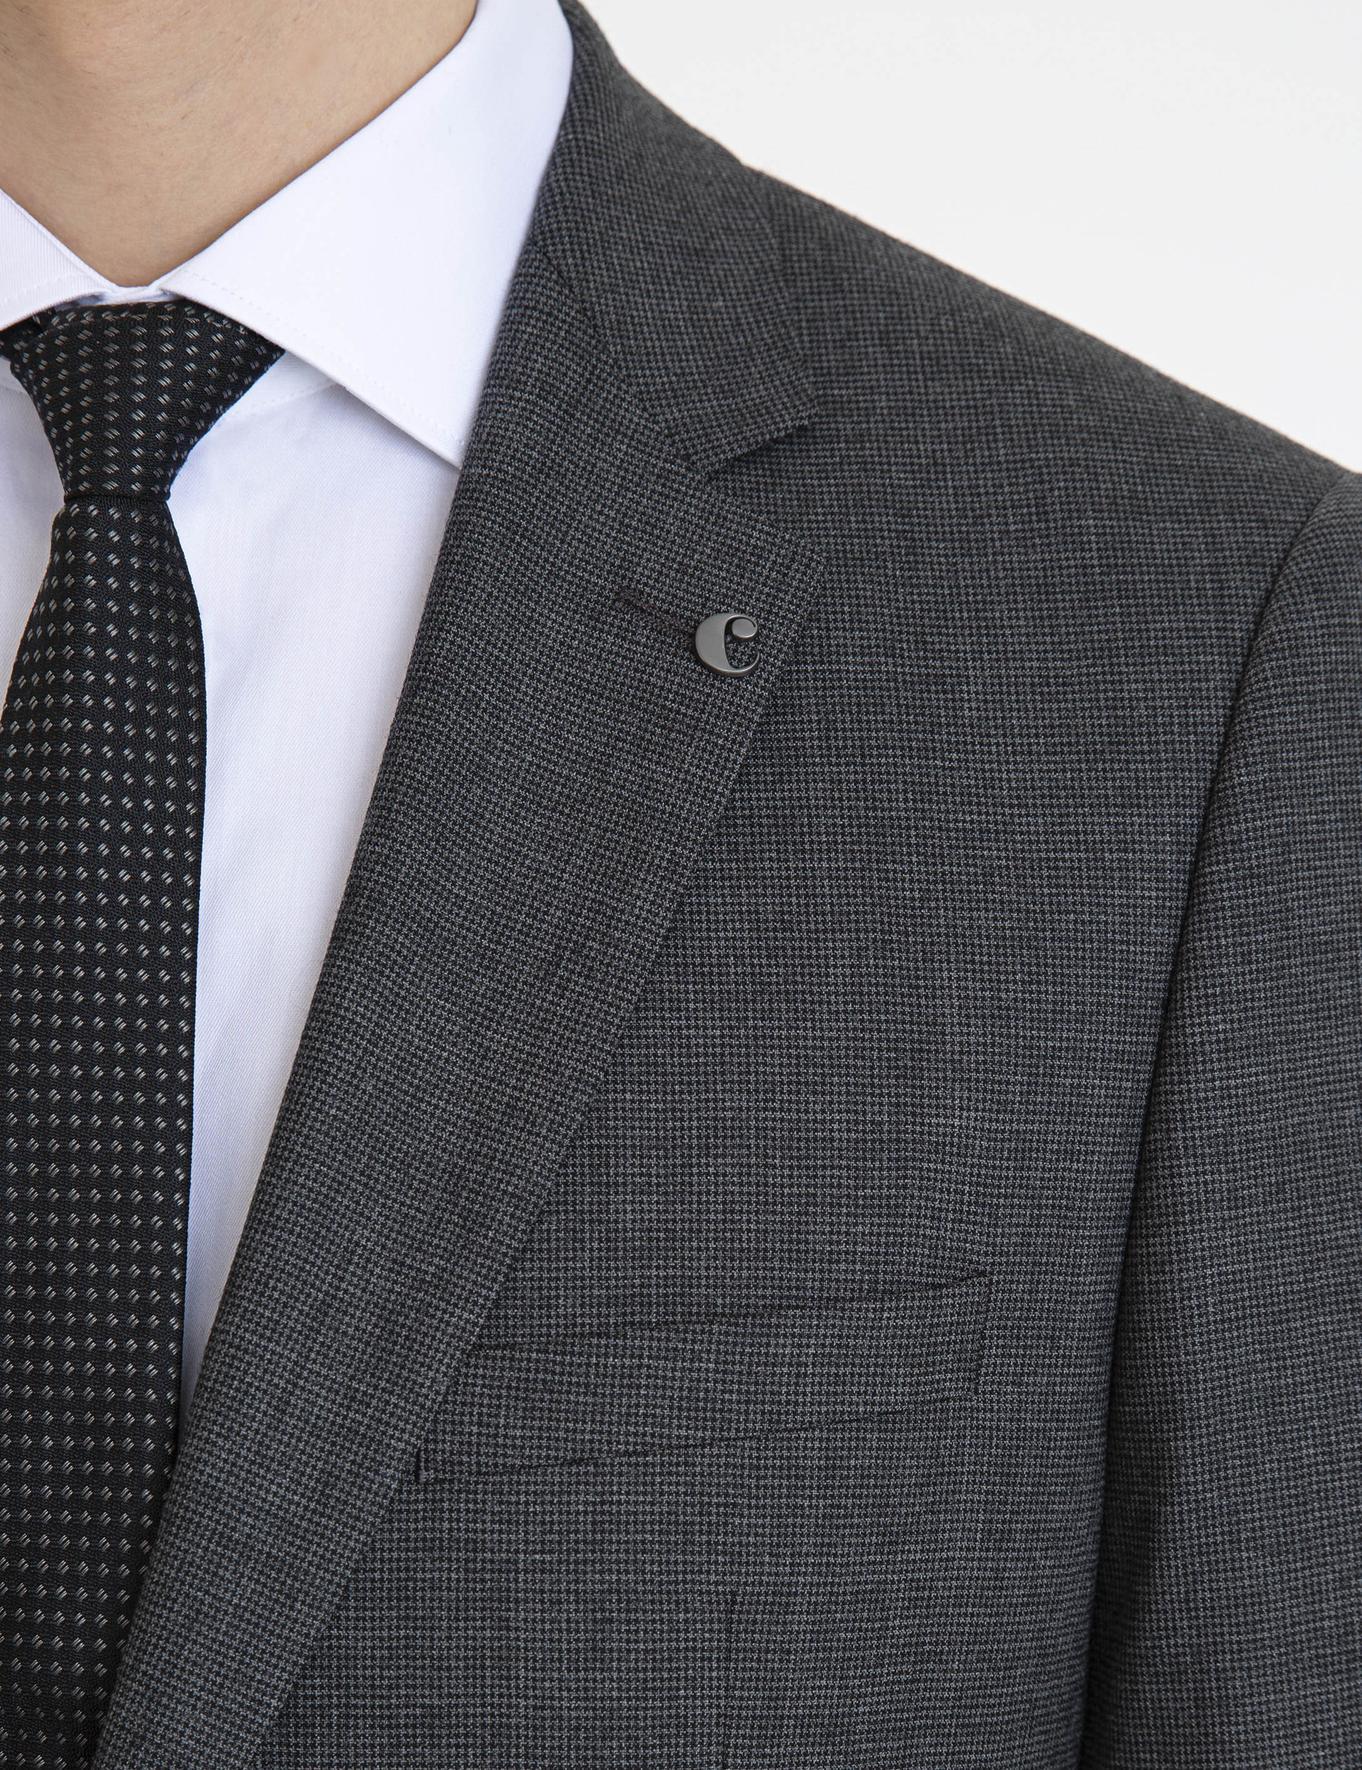 Siyah Slim Fit Takım Elbise - 50227288044